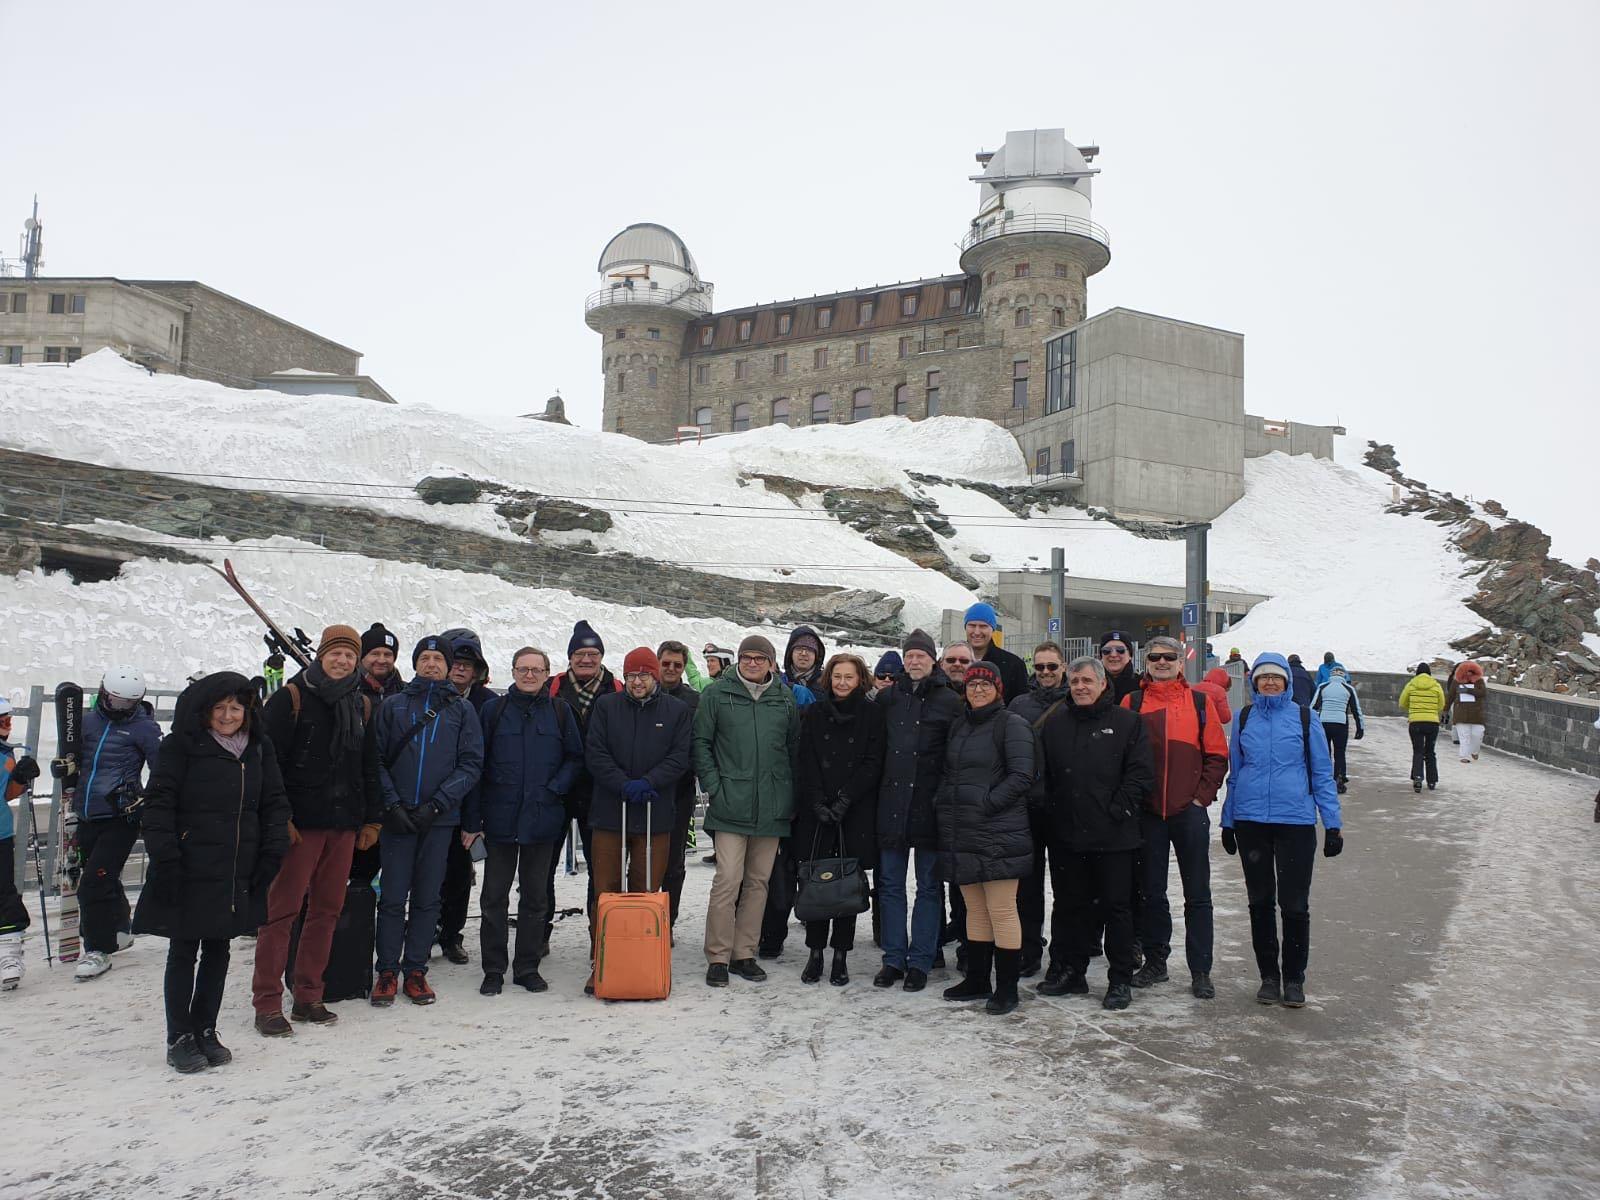 Die ESO-Delegation bei einem Besuch auf dem Gornergrat mit der Forschungsstation Jungfraujoch. © SBFI